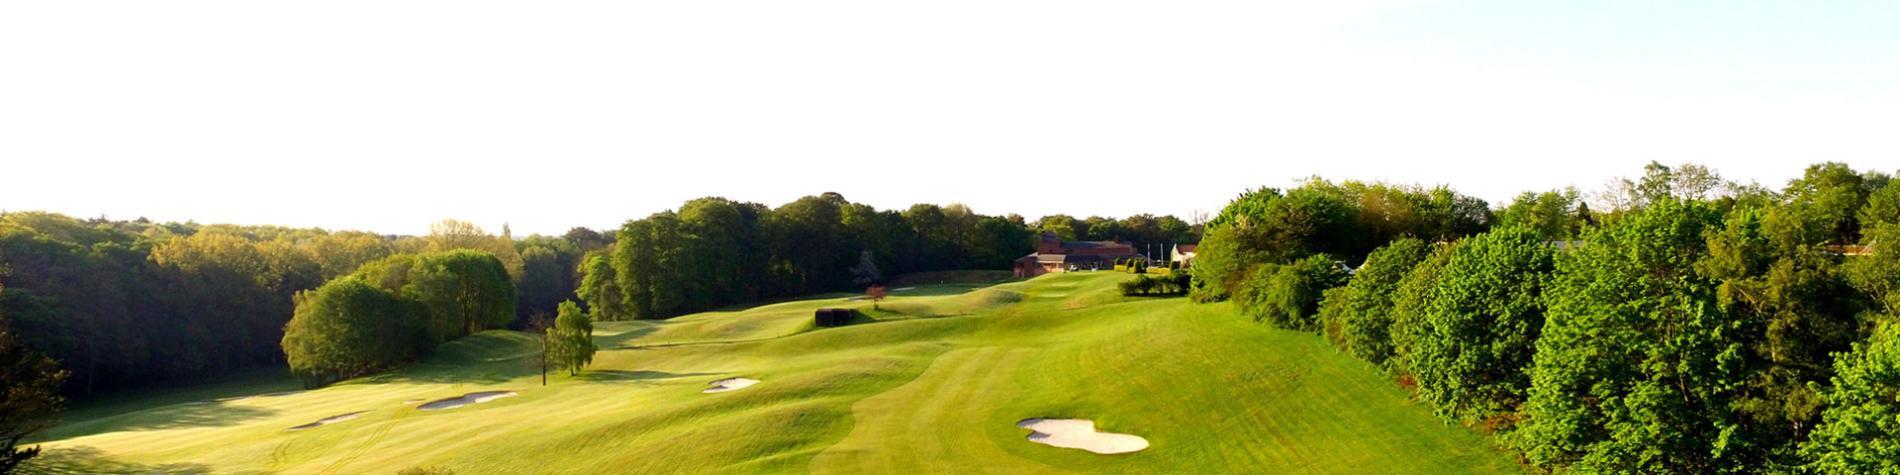 Golf - Château de la Bawette - Brabant wallon